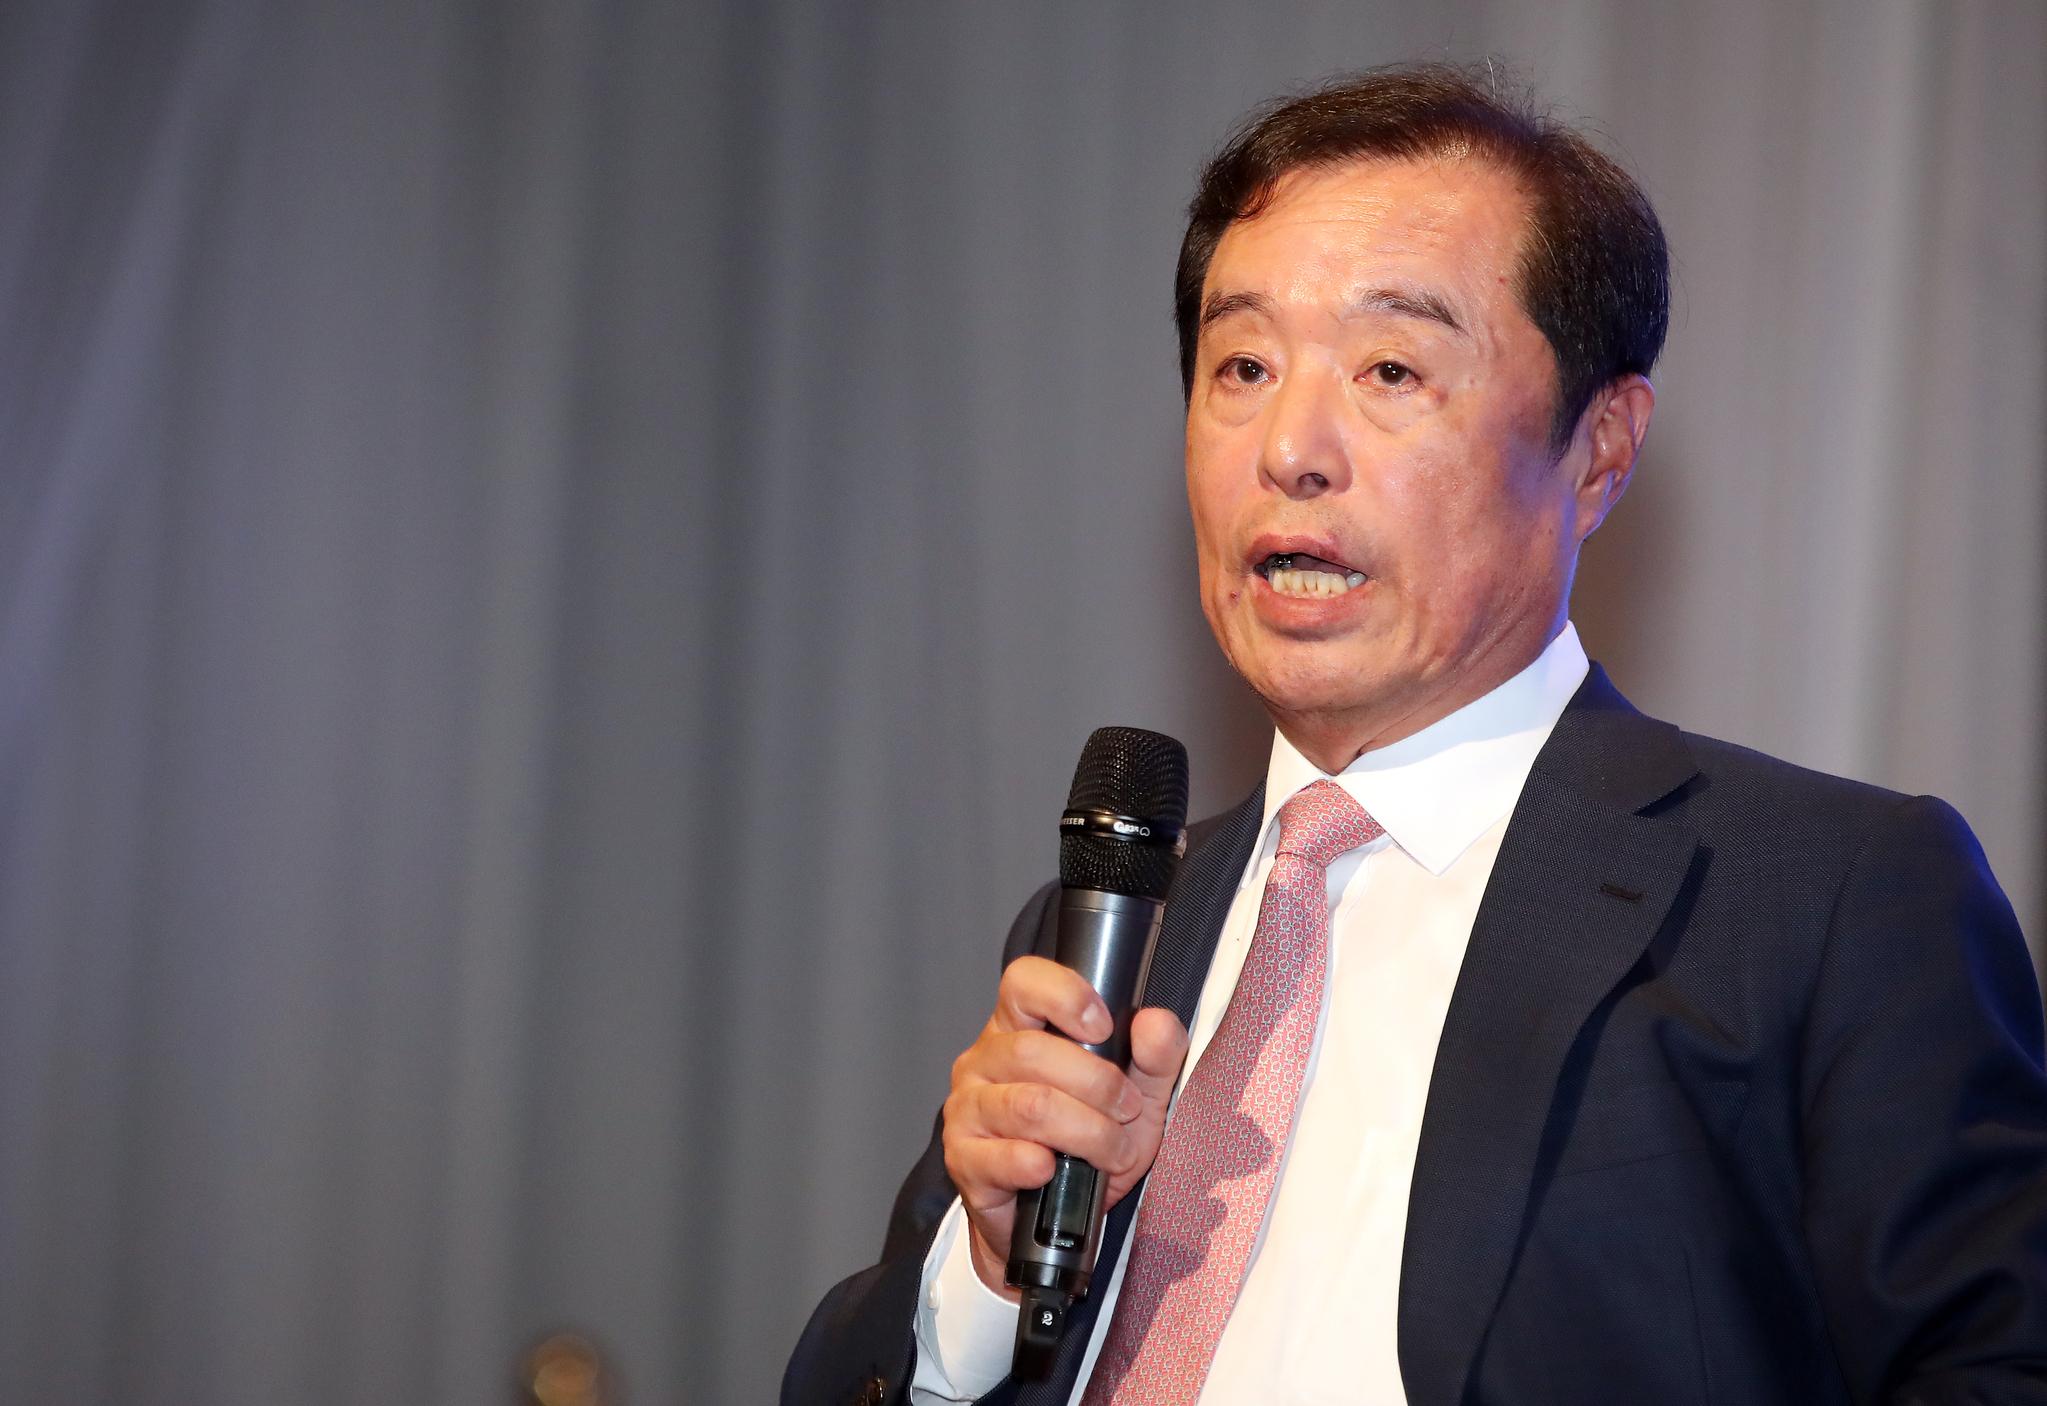 김병준 전 자유한국당 비상대책위원장. [뉴스1]